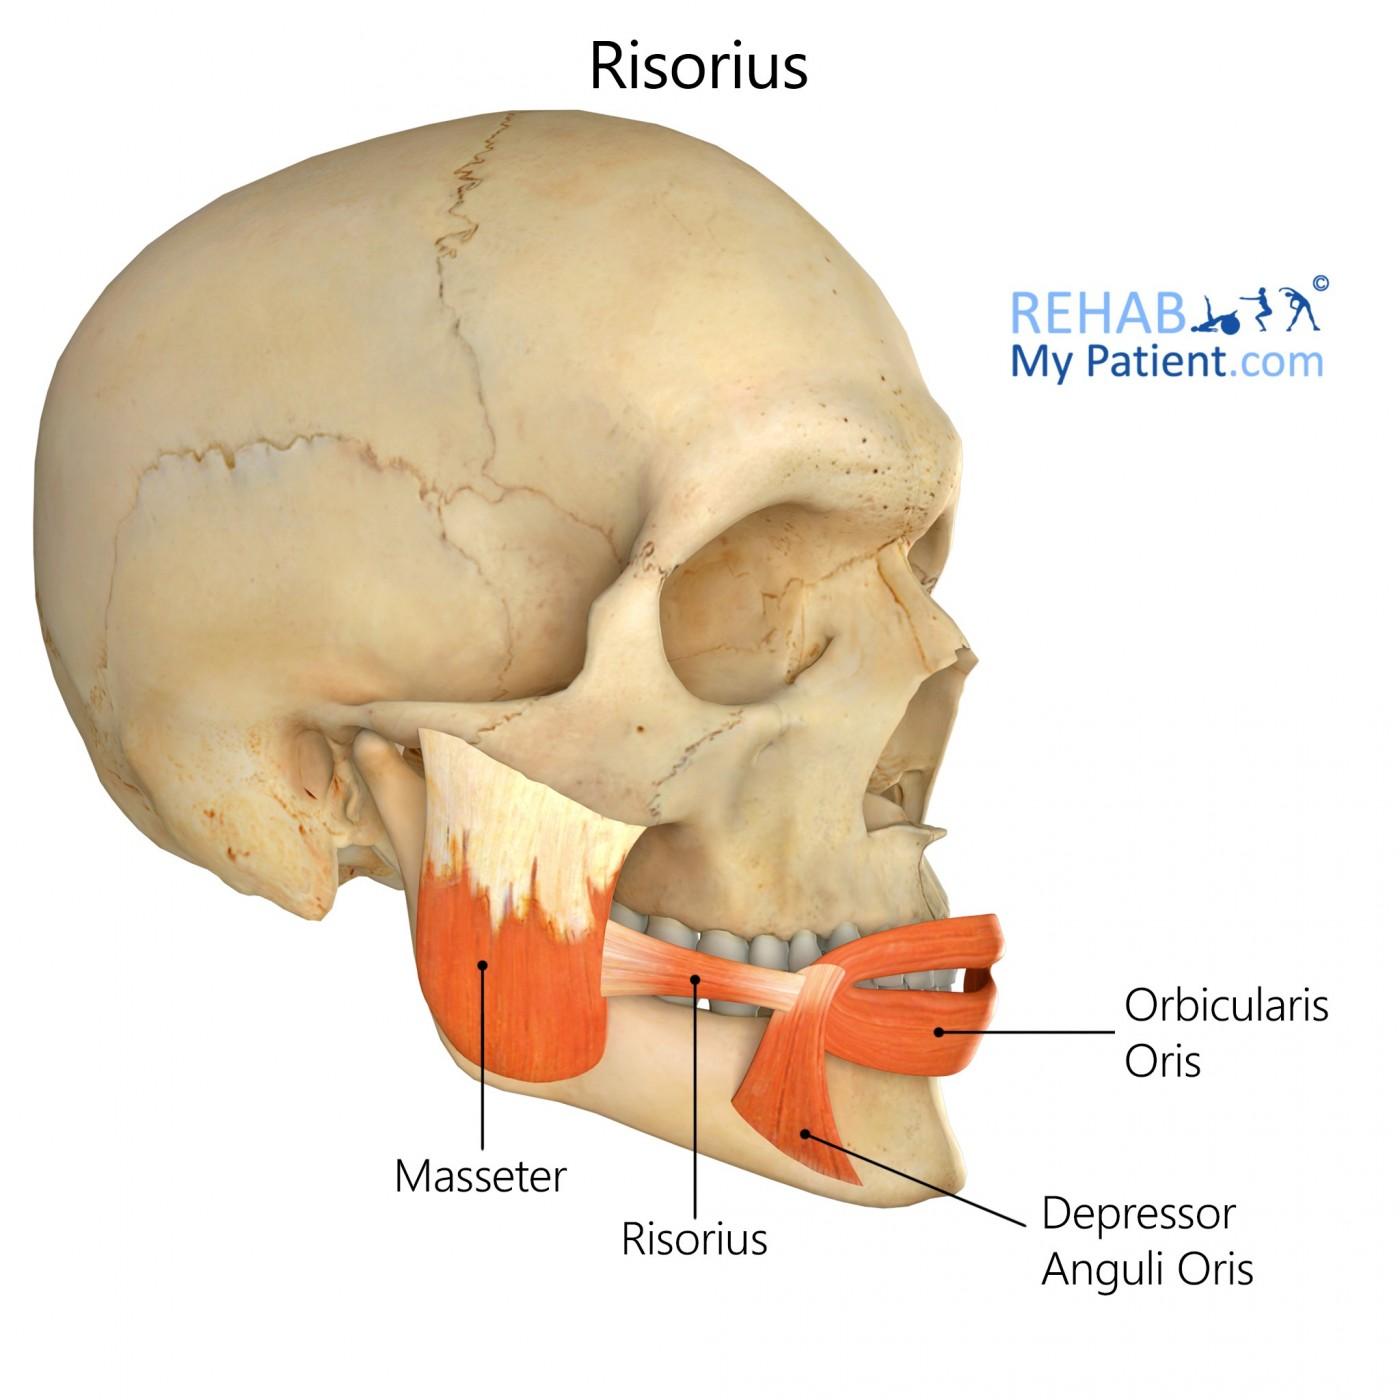 Risorius